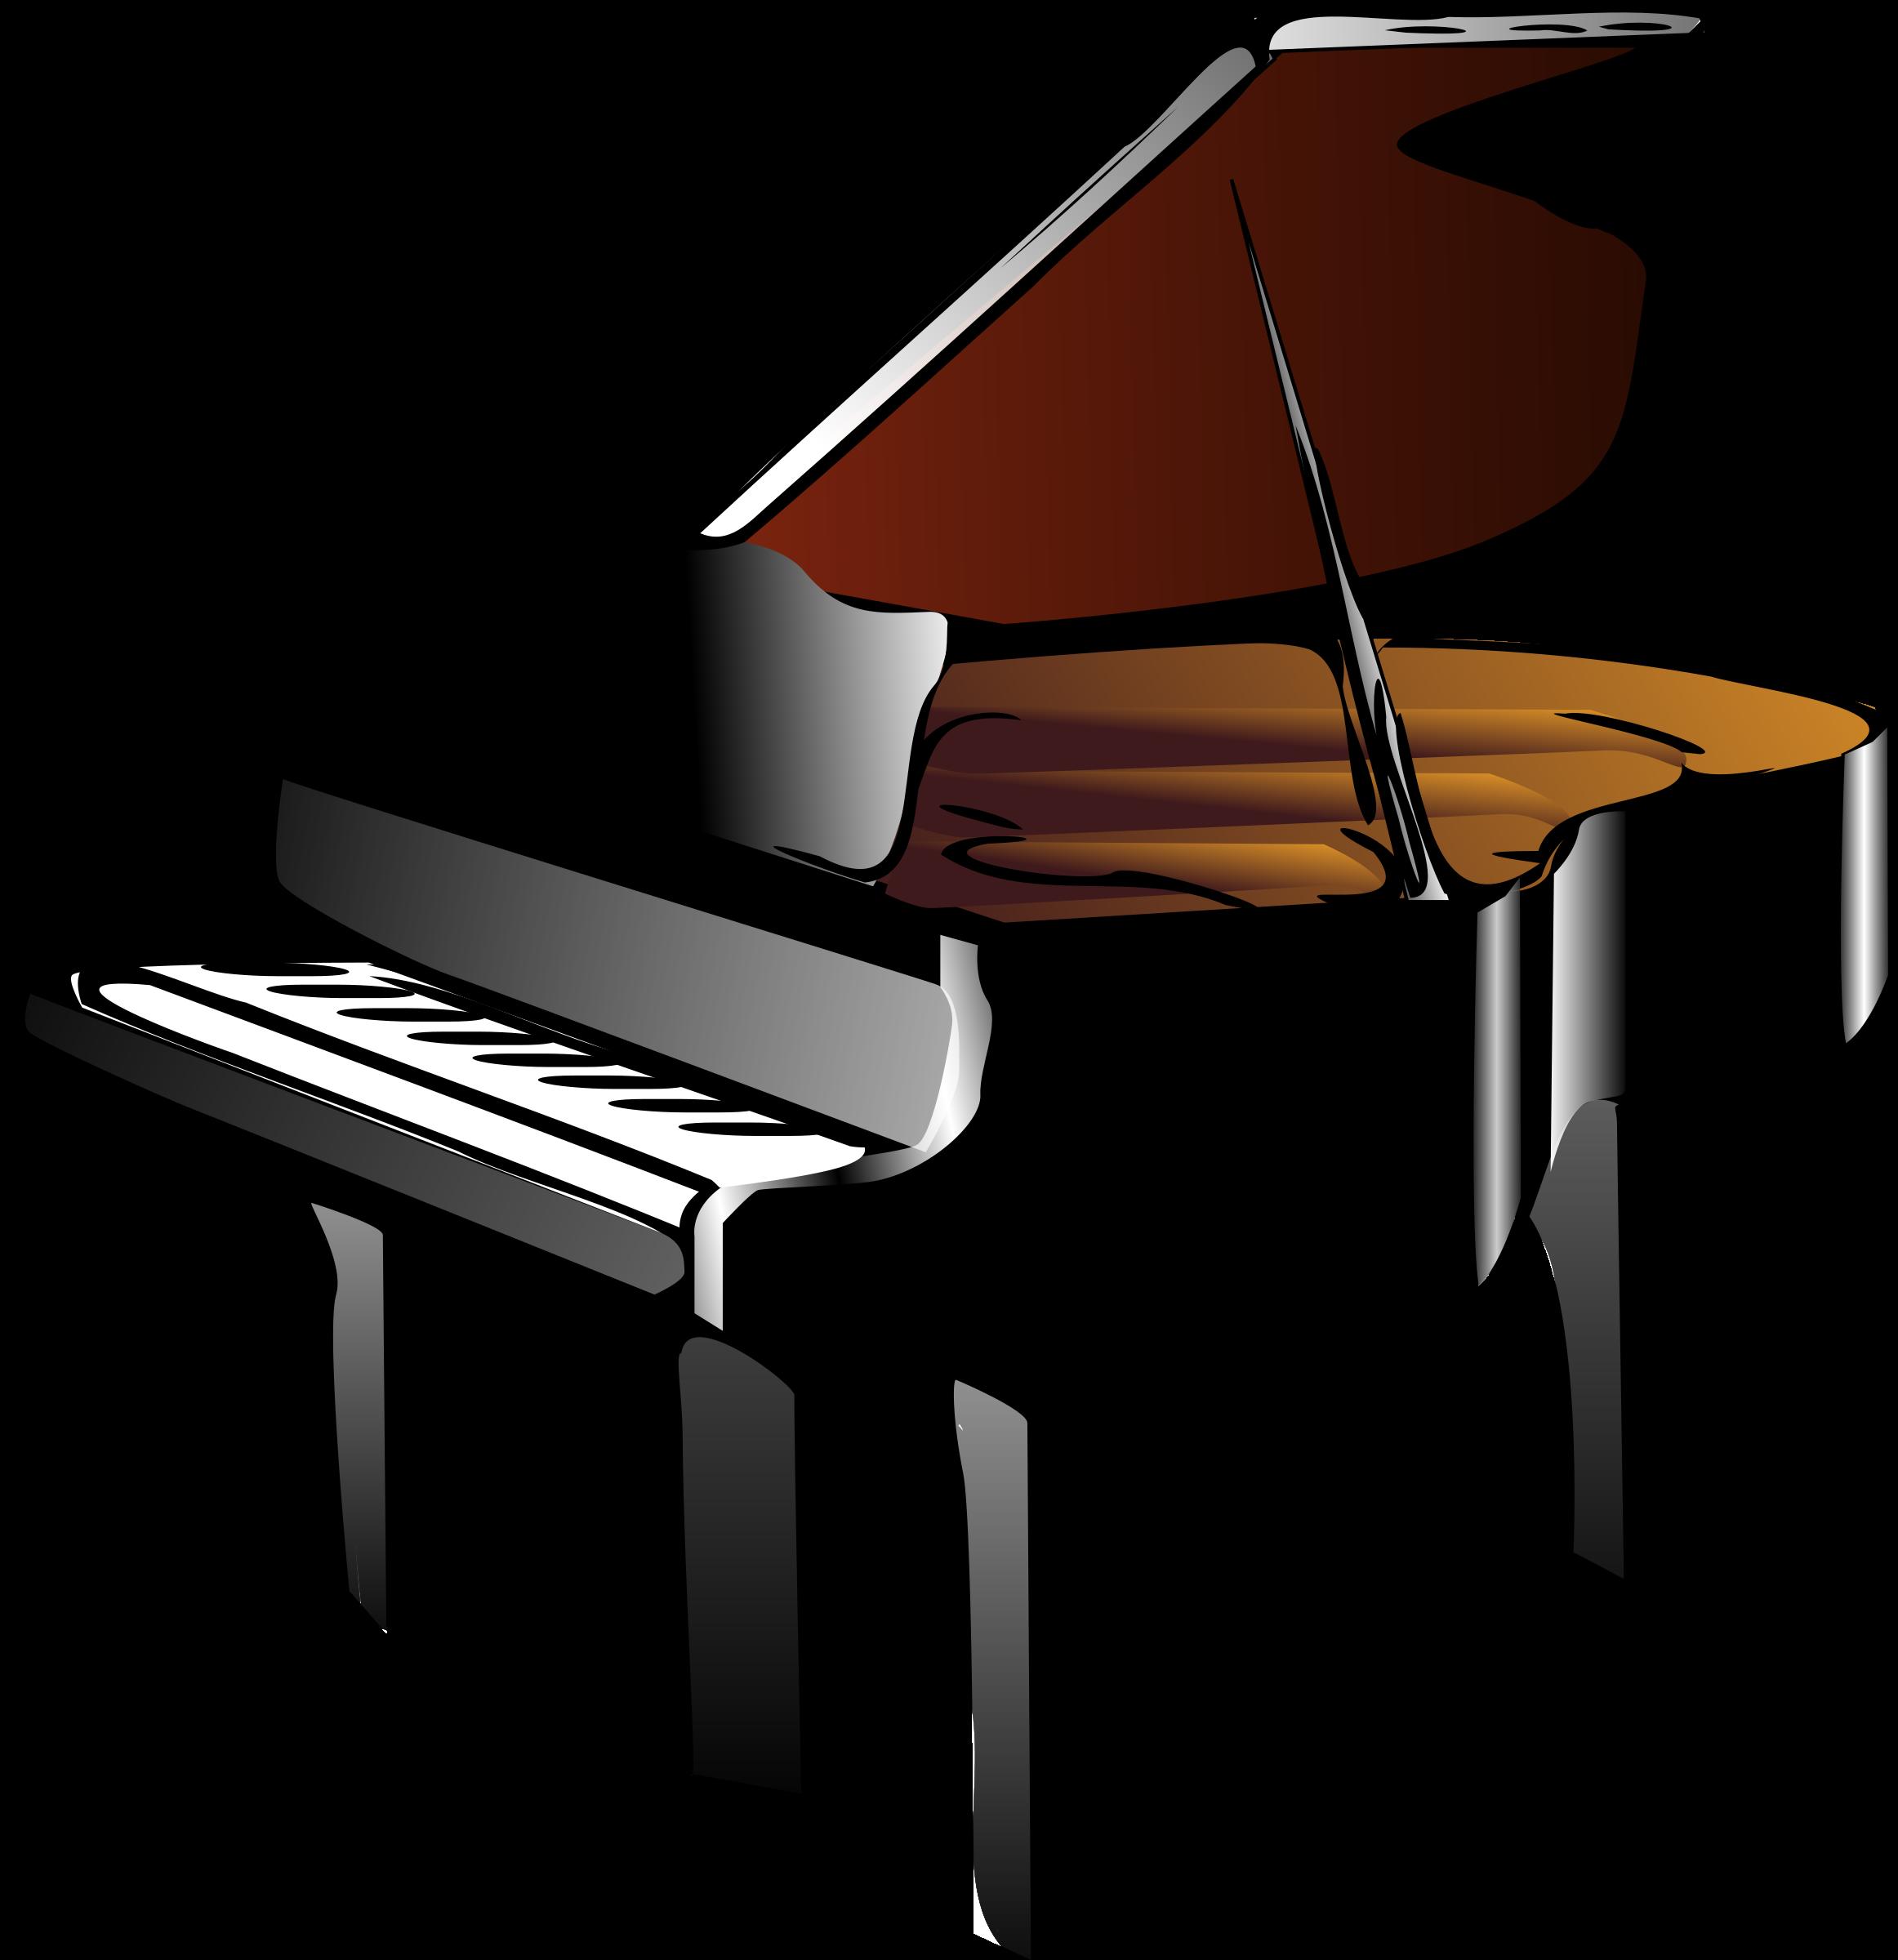 BIG IMAGE (PNG) - Piano PNG